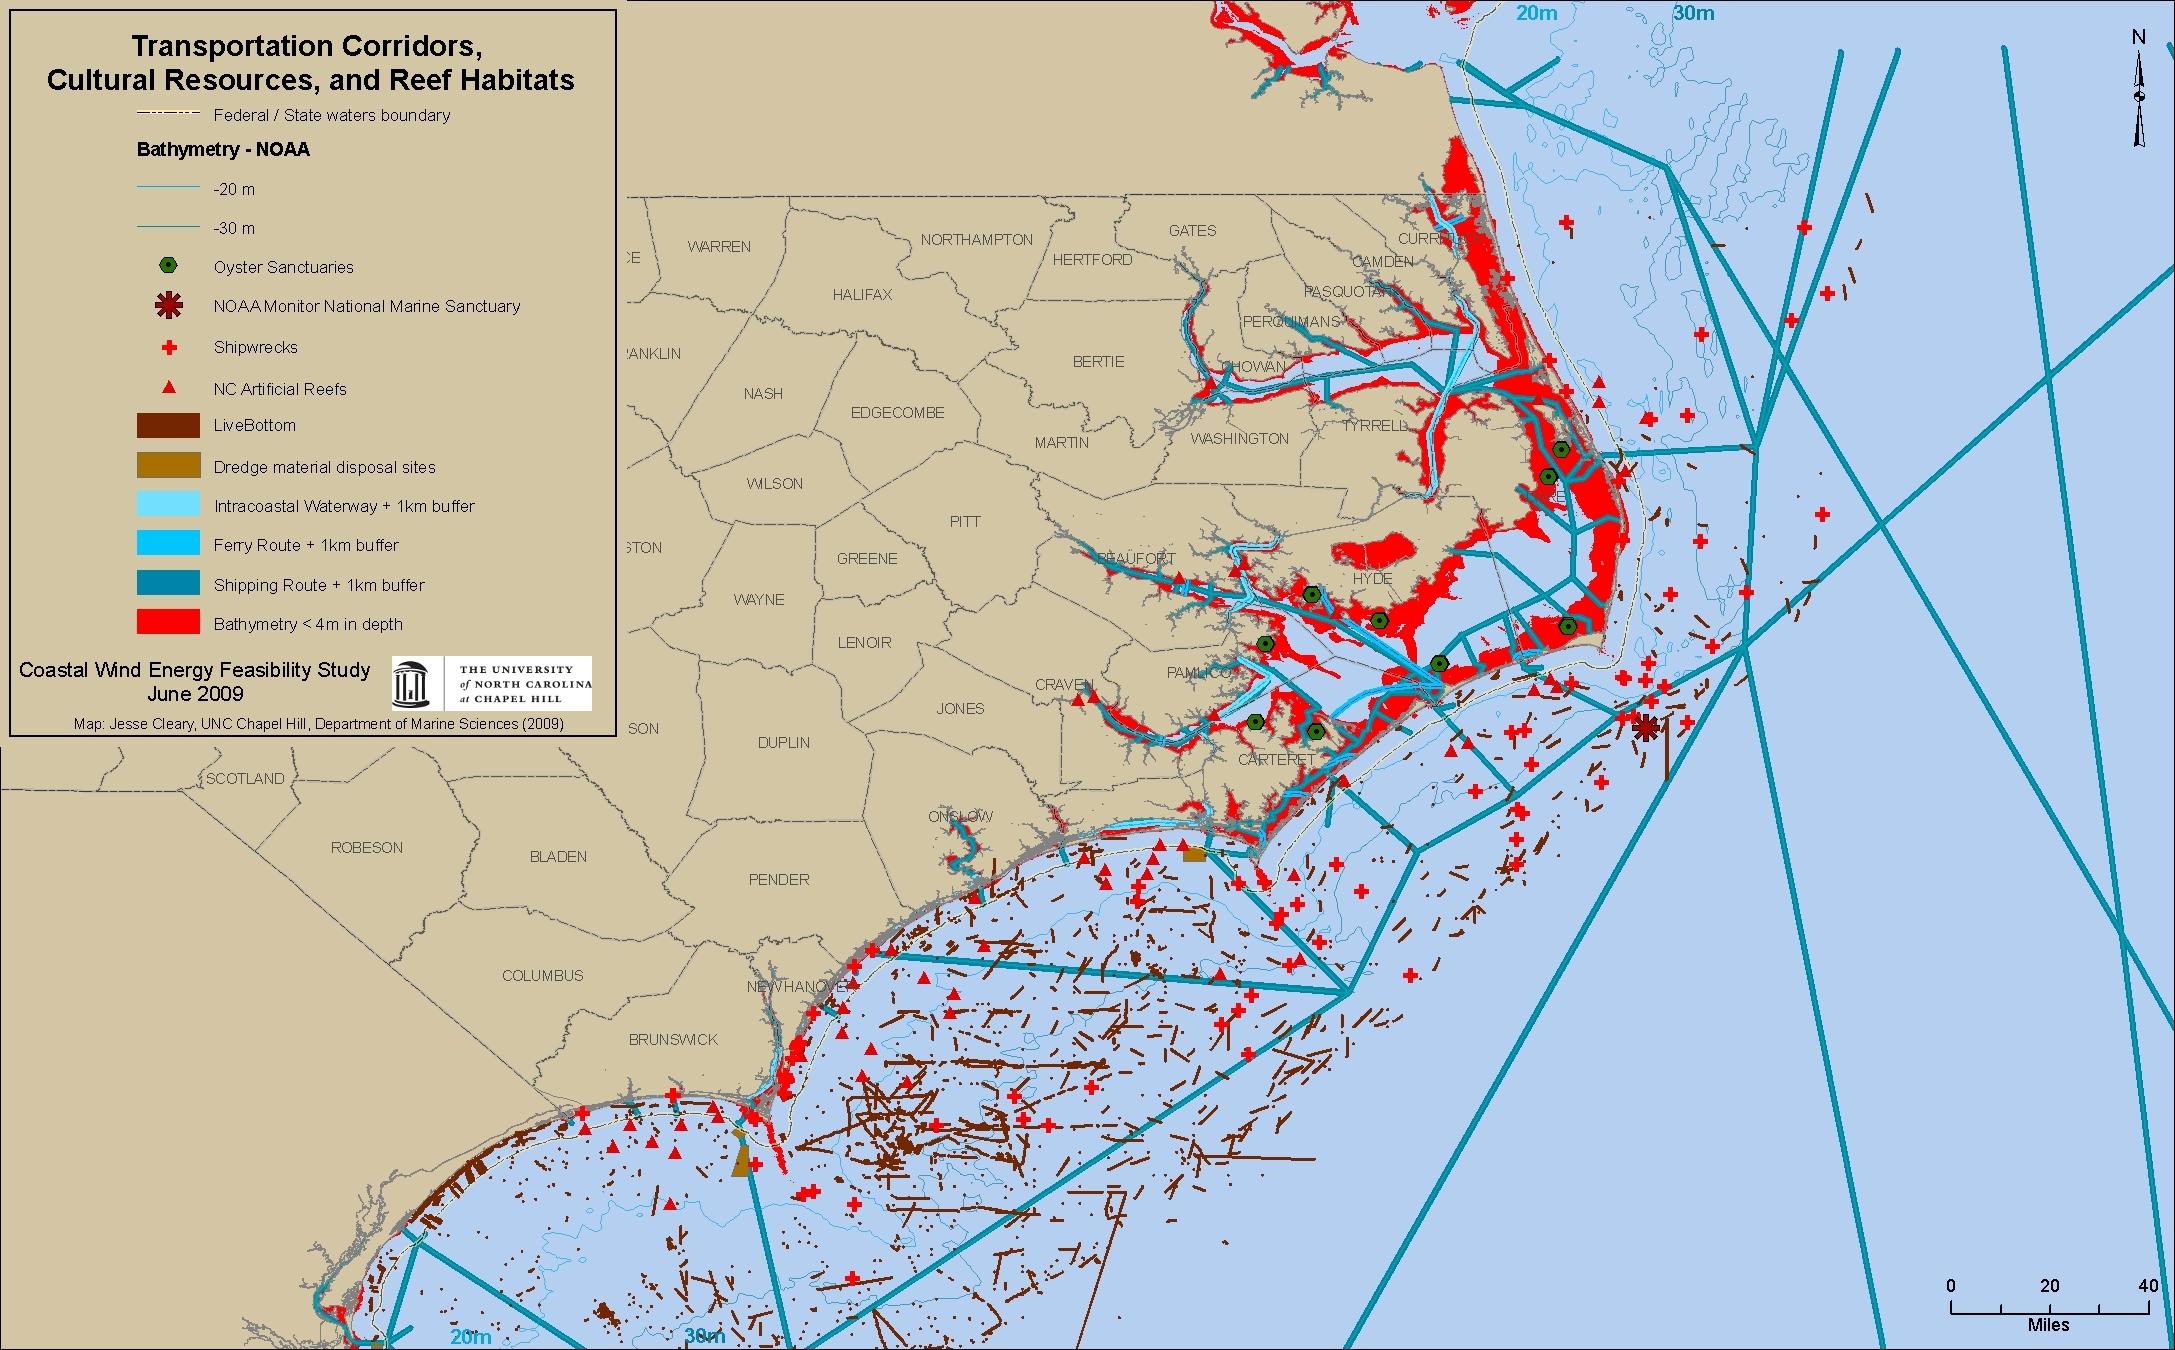 Transportation Corridors, Cultural Resources, and Reef Habitats